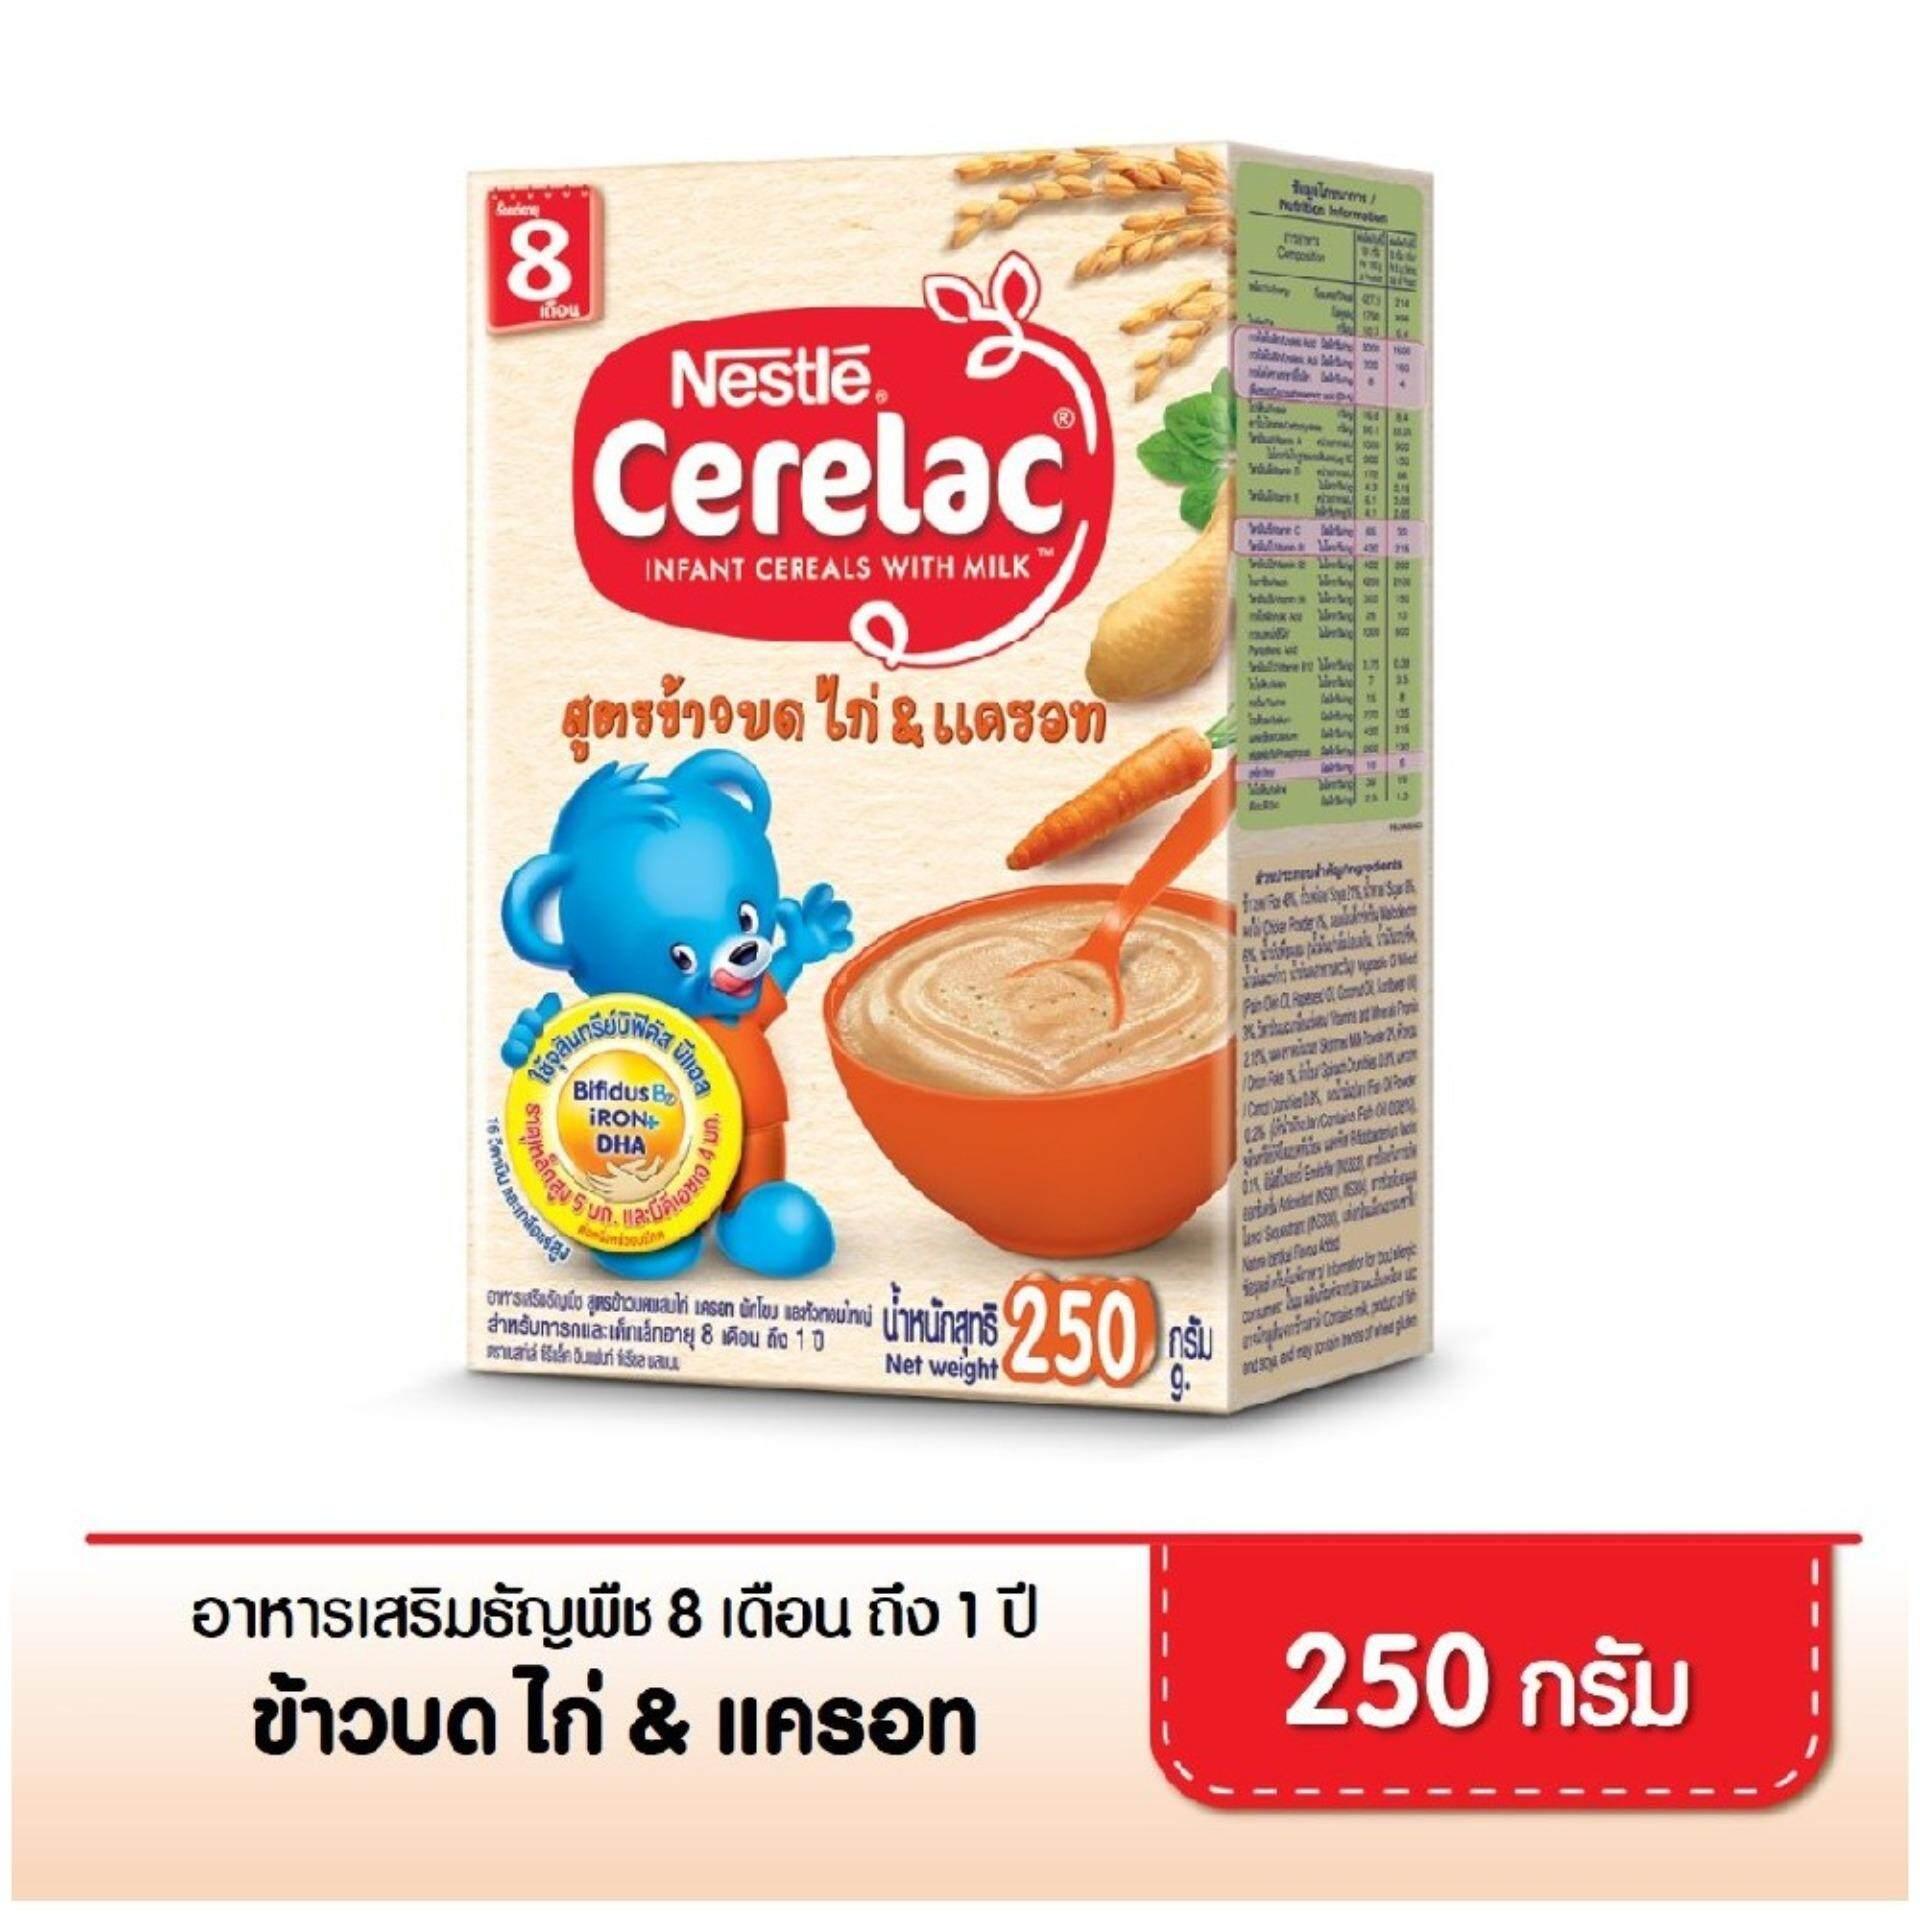 ซีรีแล็ค อาหารเสริมสำหรับเด็ก สูตรข้าวบดไก่แครอท ขนาด 250 กรัม (1 กล่อง) By Lazada Retail Cerelac.